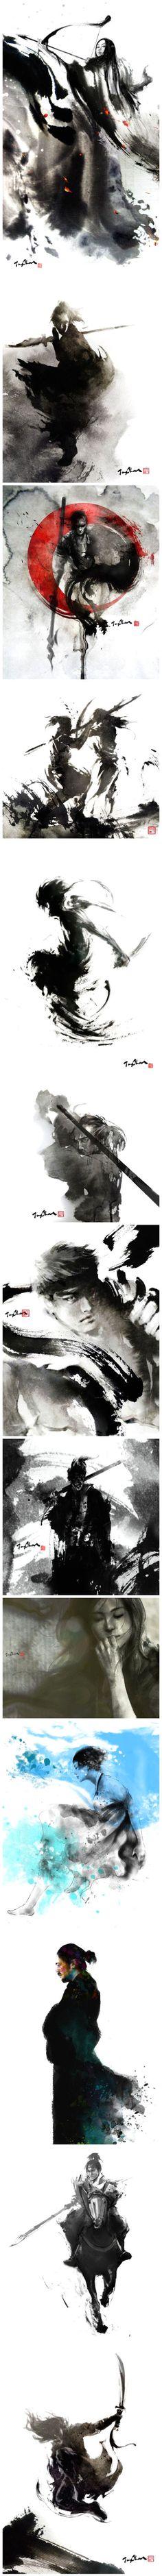 水墨武侠 Illustrations, Illustration Art, King Tattoos, Tinta China, Shadow Art, Japanese Characters, Samurai Art, Epic Art, Zen Art